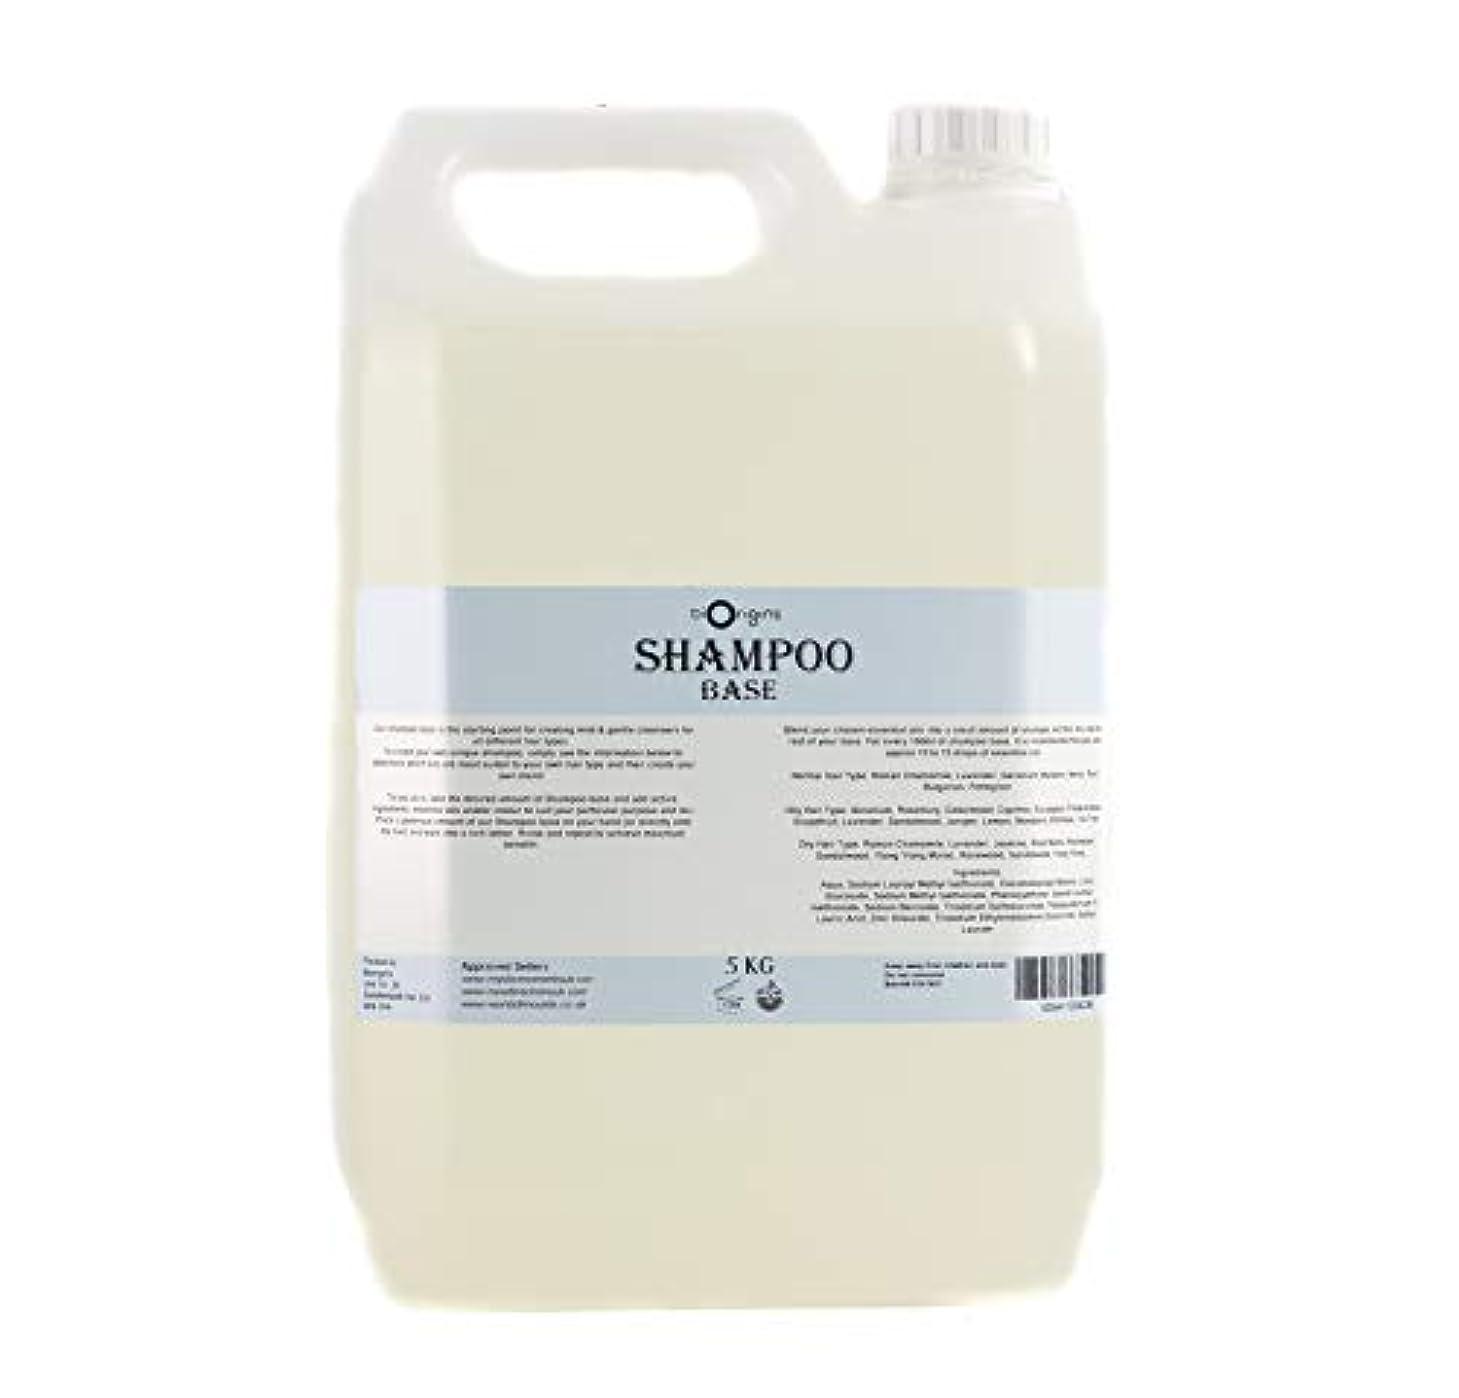 ガム薄汚い想起Shampoo Base - 5Kg